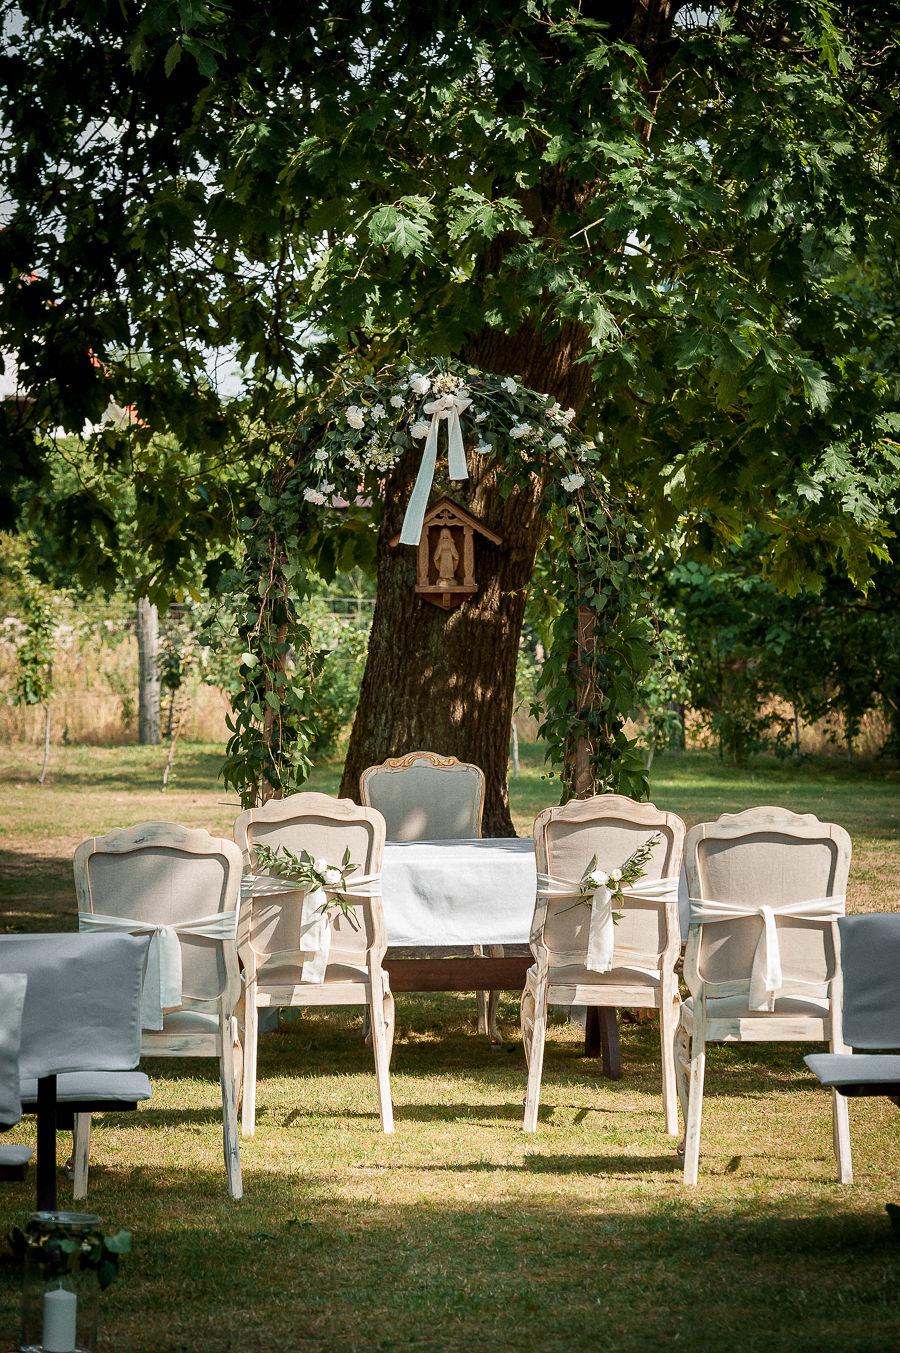 krzesła i stół prezydialny oczekujace na ślub w plenerze